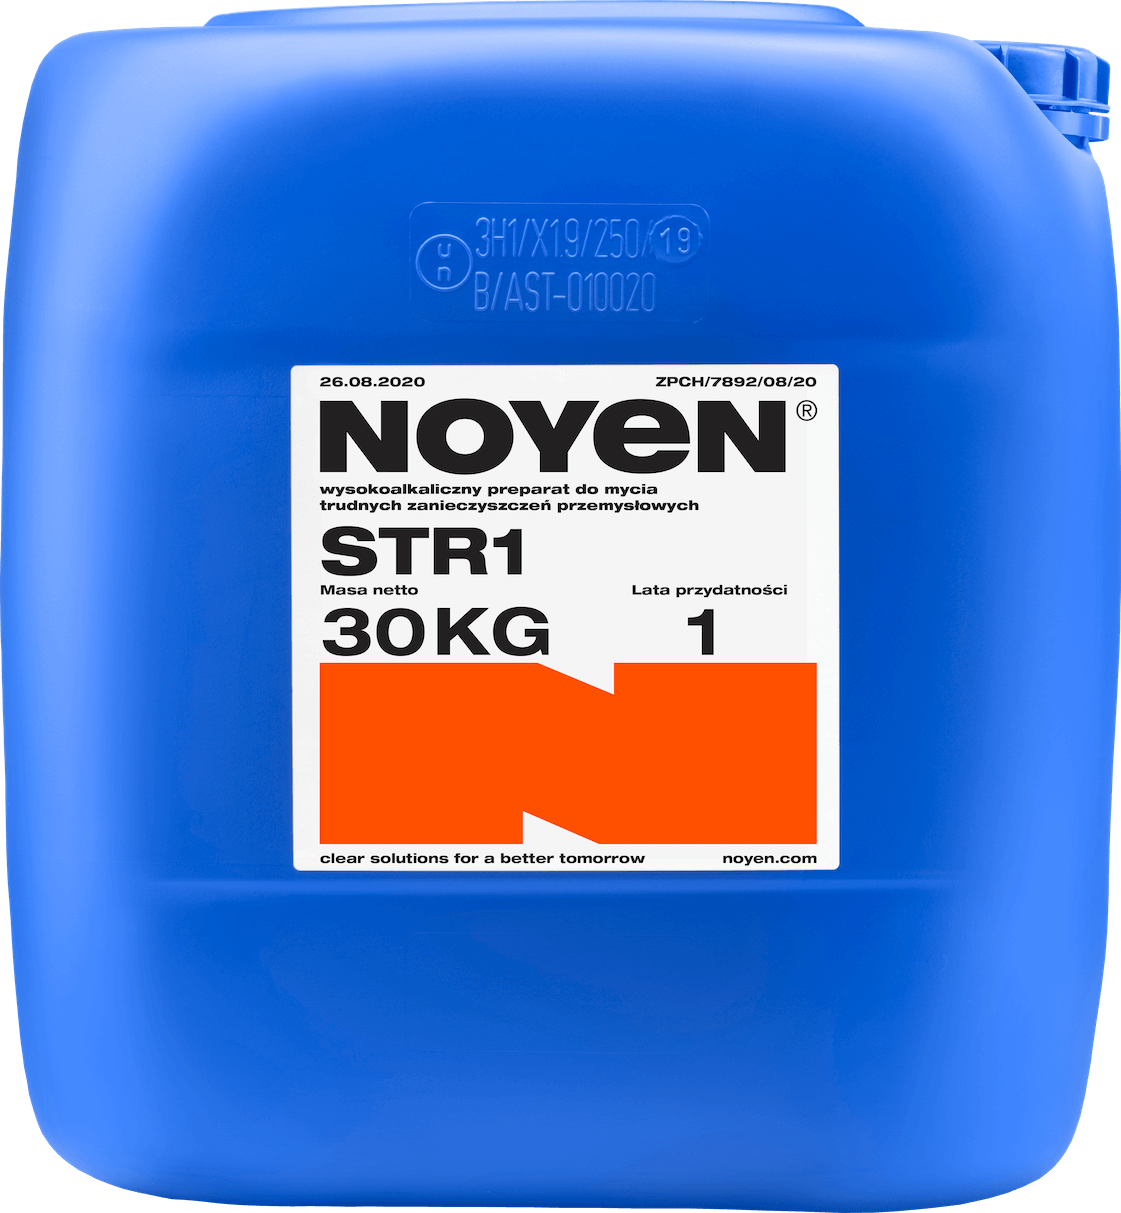 STR1 NOYEN 30 KG wysokoalkaiczny preparat do mycia trudnych zanieczyszczeń przemysłowych w niebieskim kanistrze